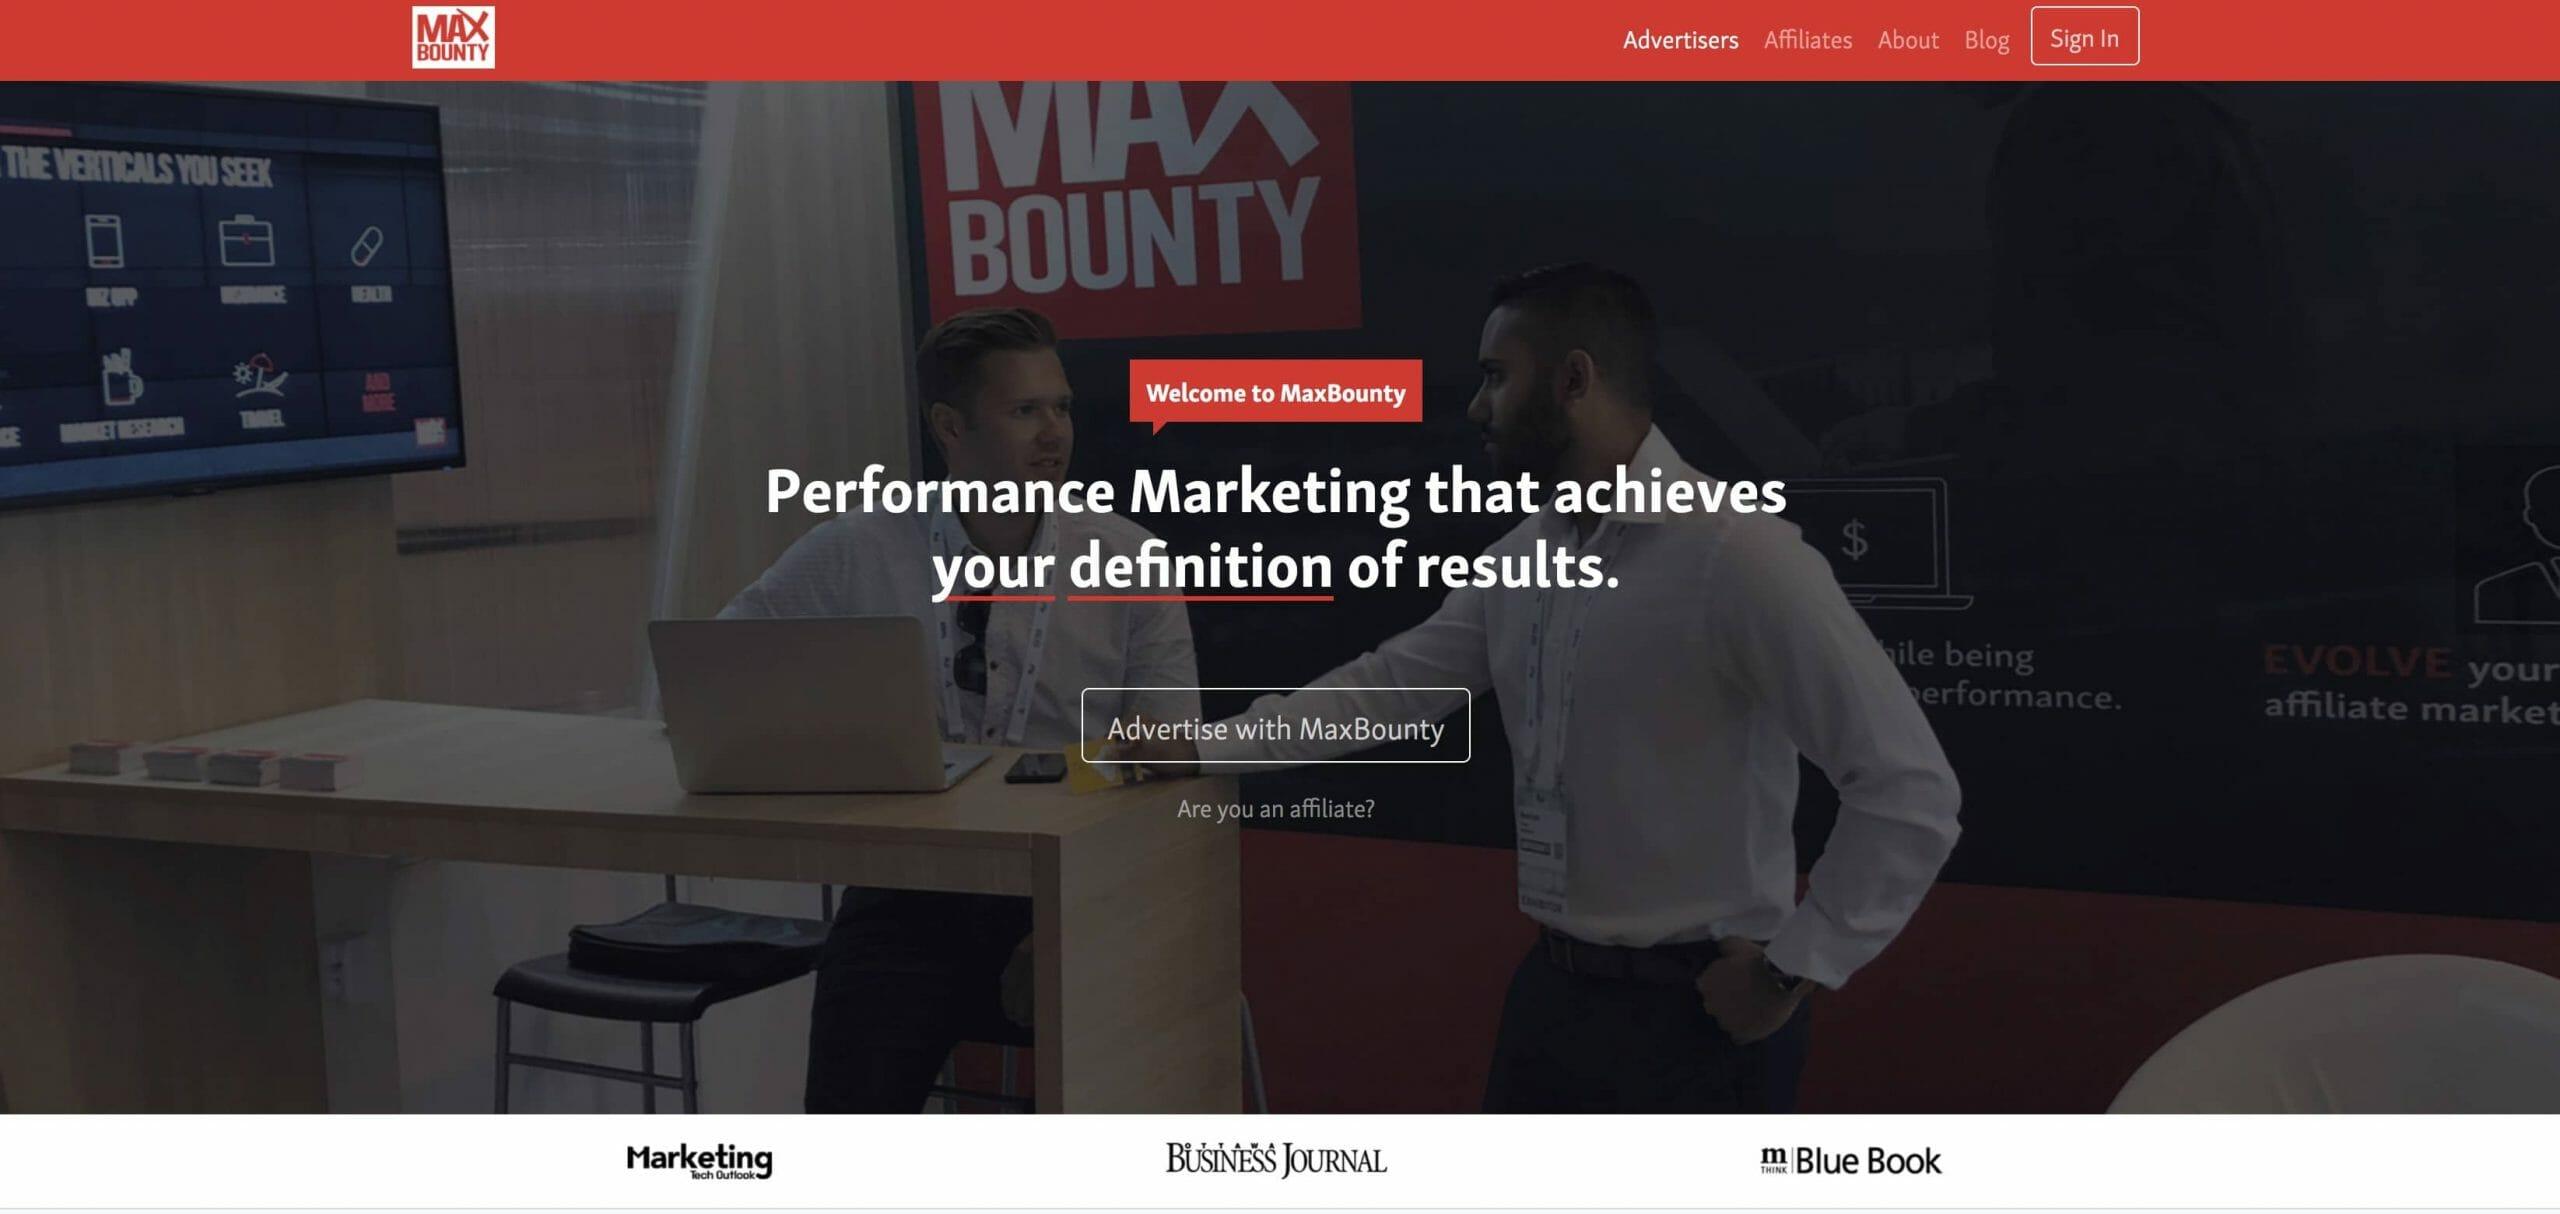 Maxbounty Homepage Snapshot